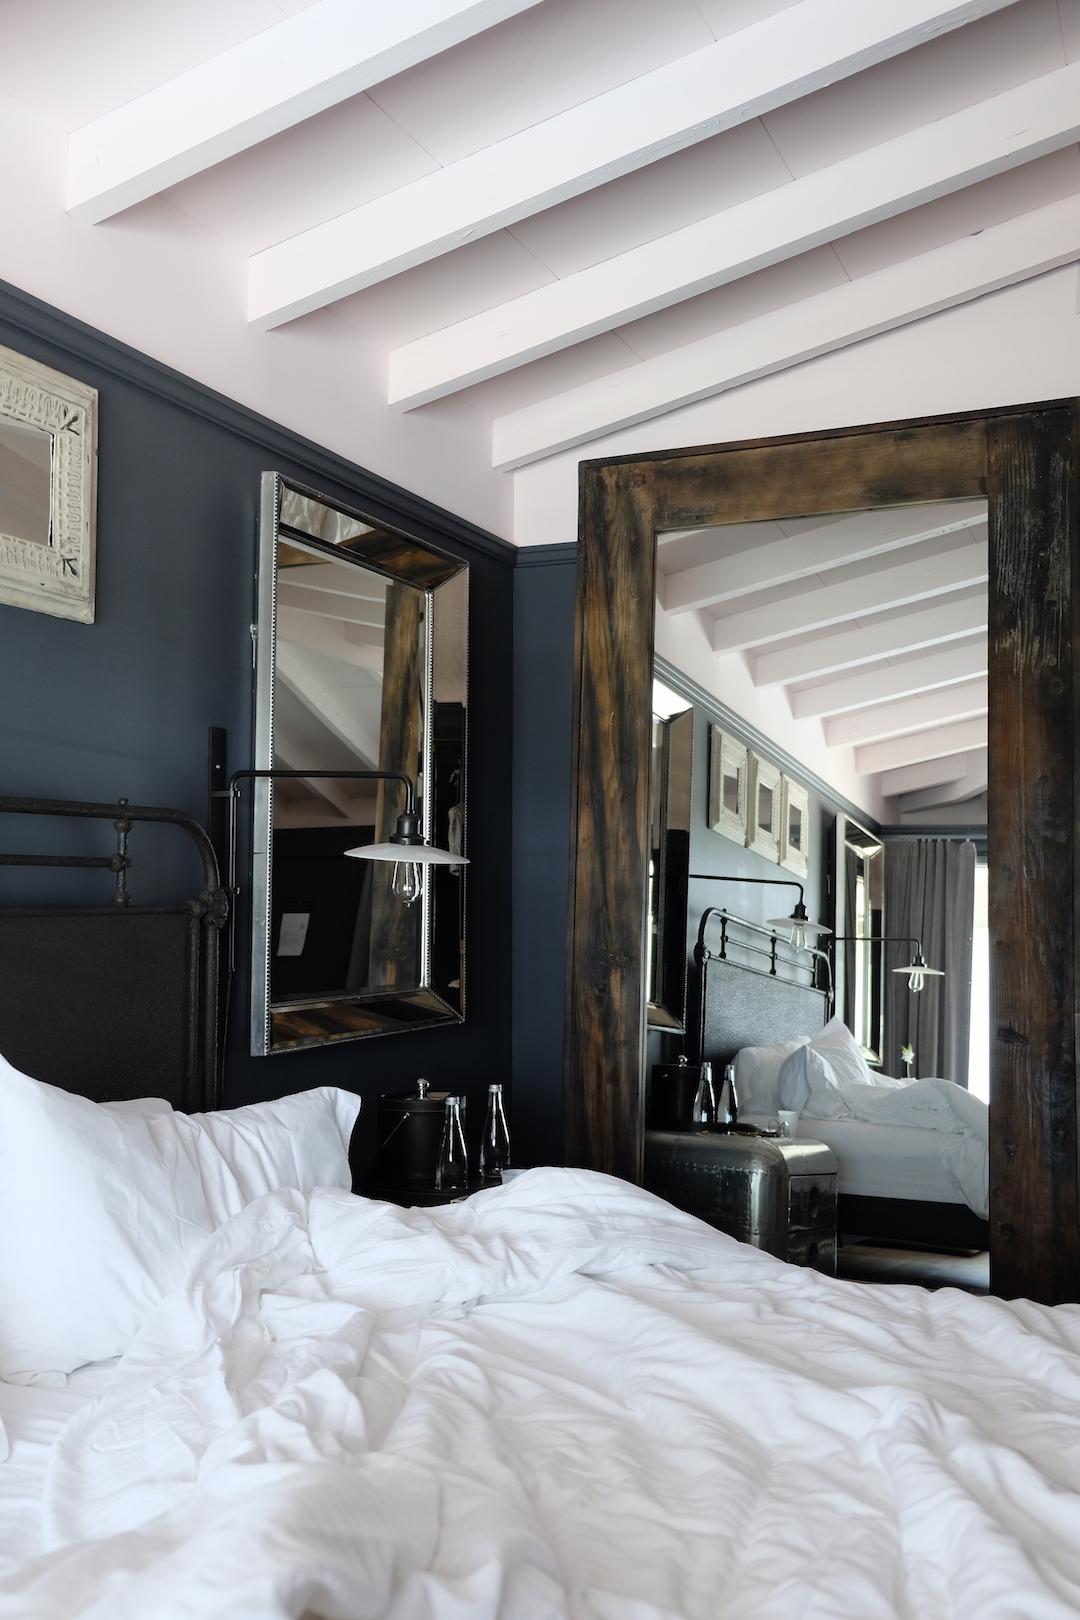 montauk_beachhouse-Hotel_querelles_03